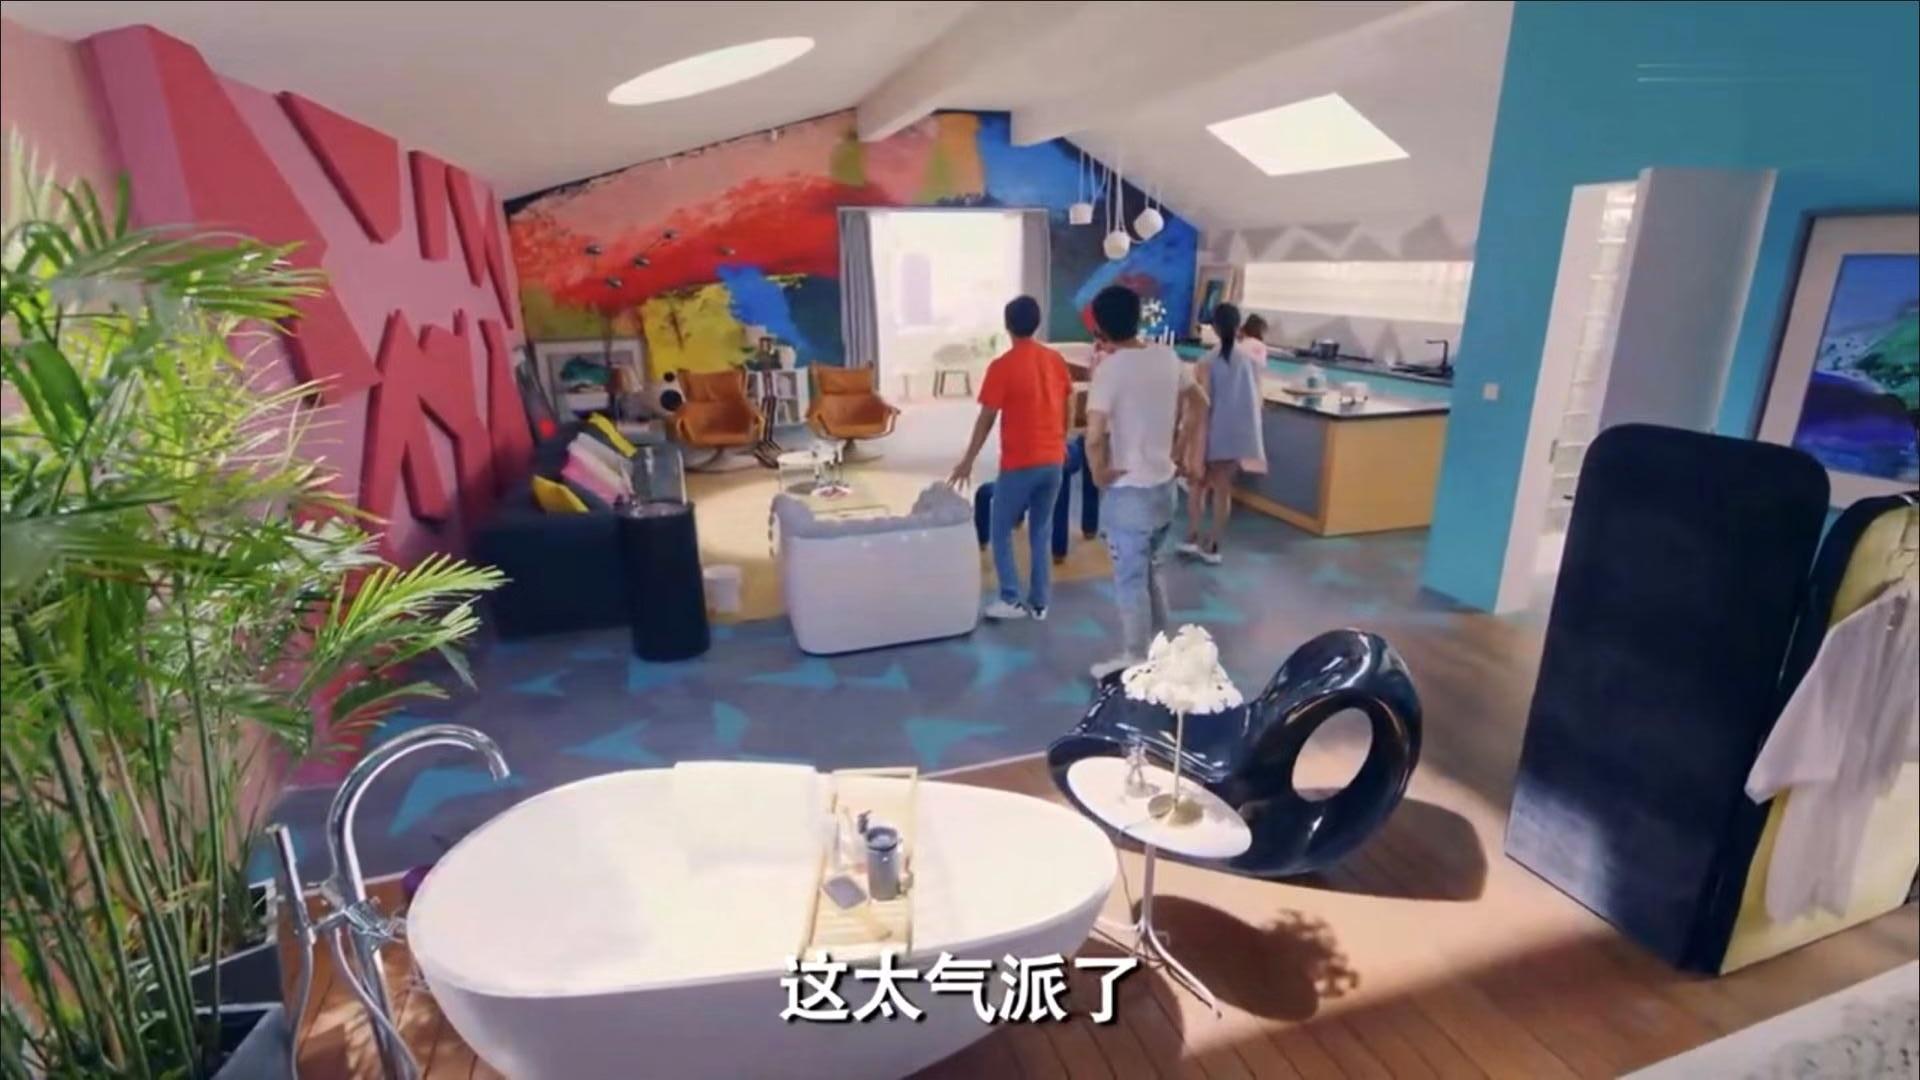 像爱情公寓里一样的家装彩绘如何打造